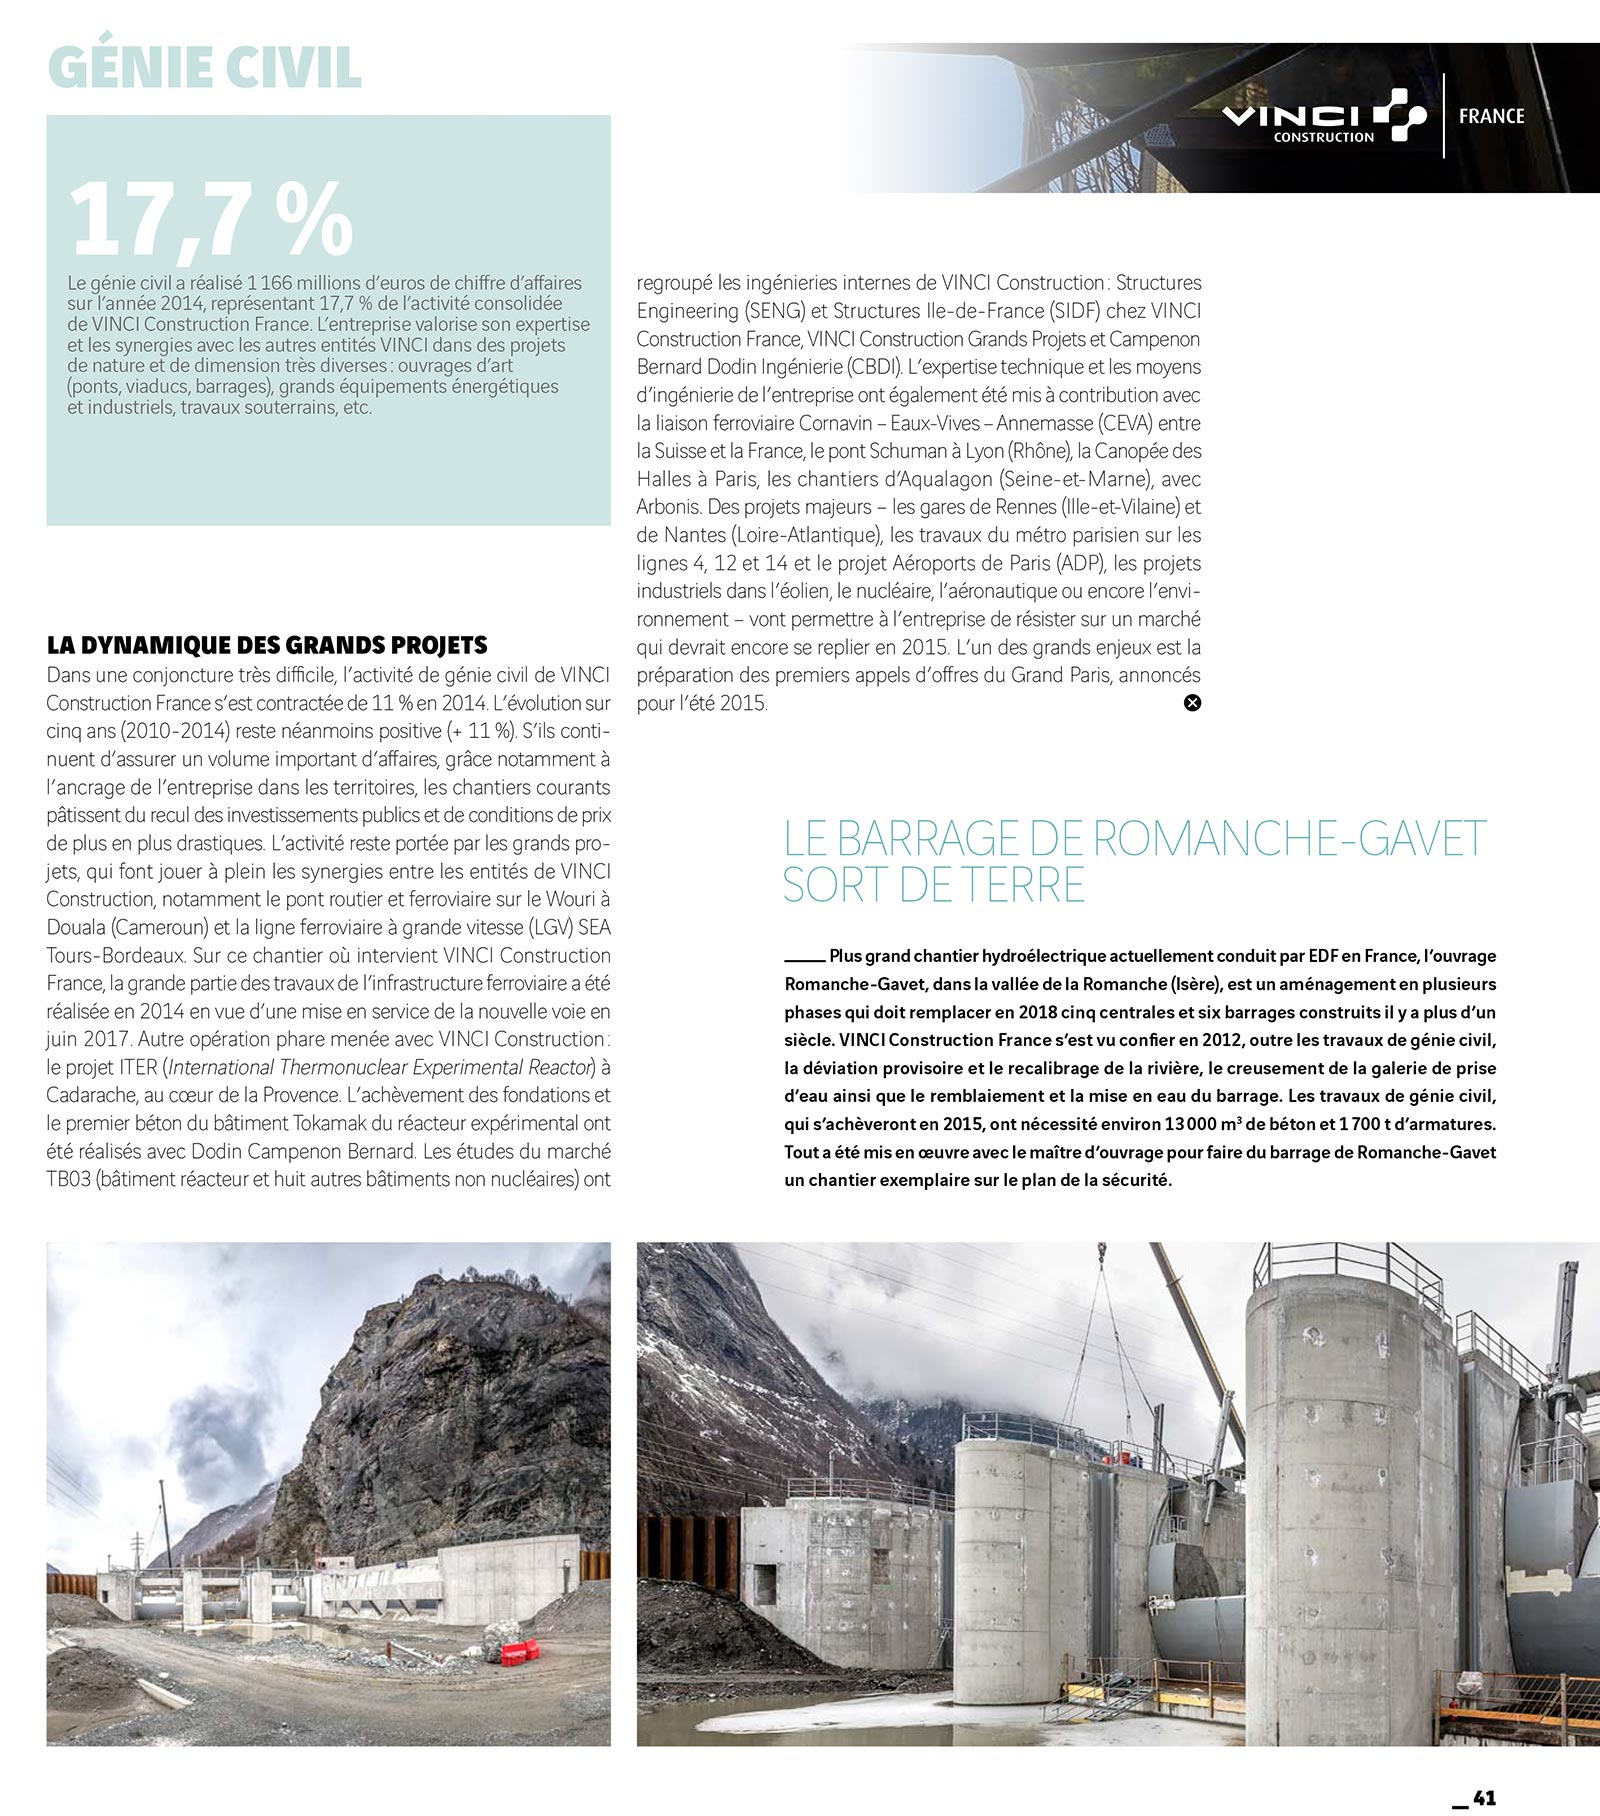 Rapport d'activité 2014 de VCF